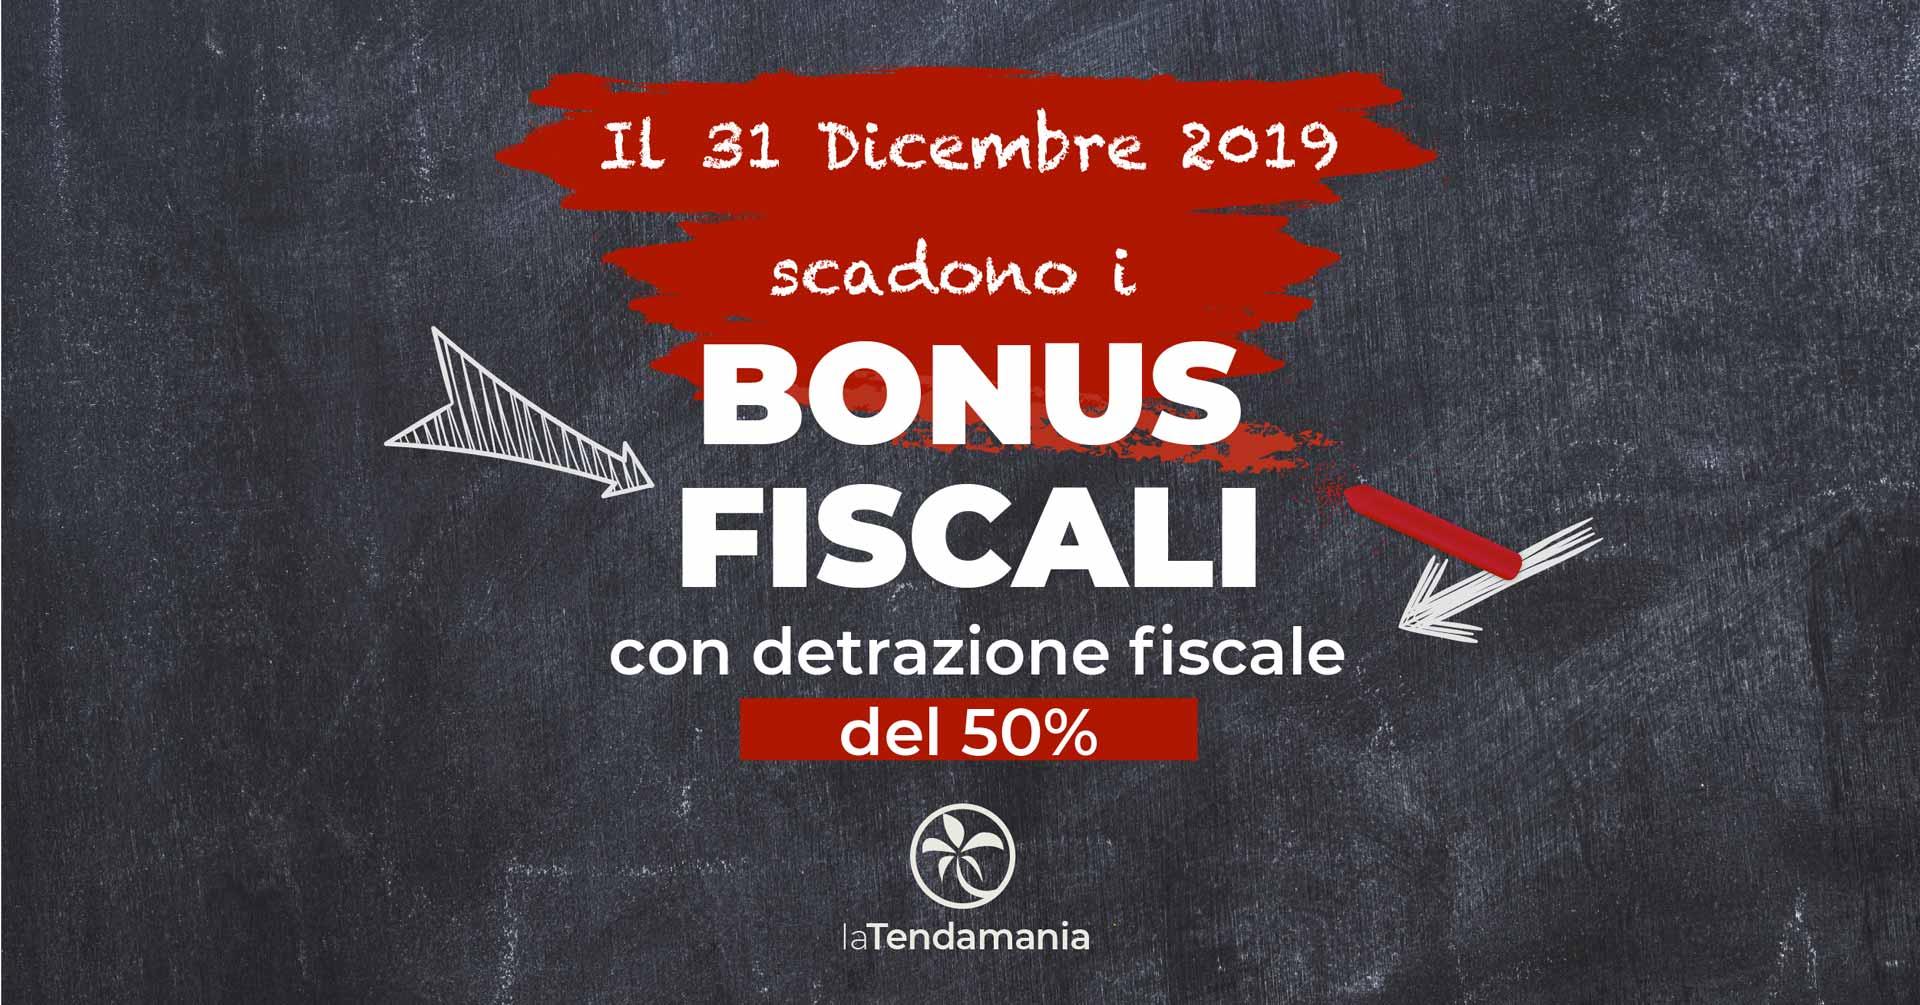 Scadenza bonus fiscali: 31/12/2019